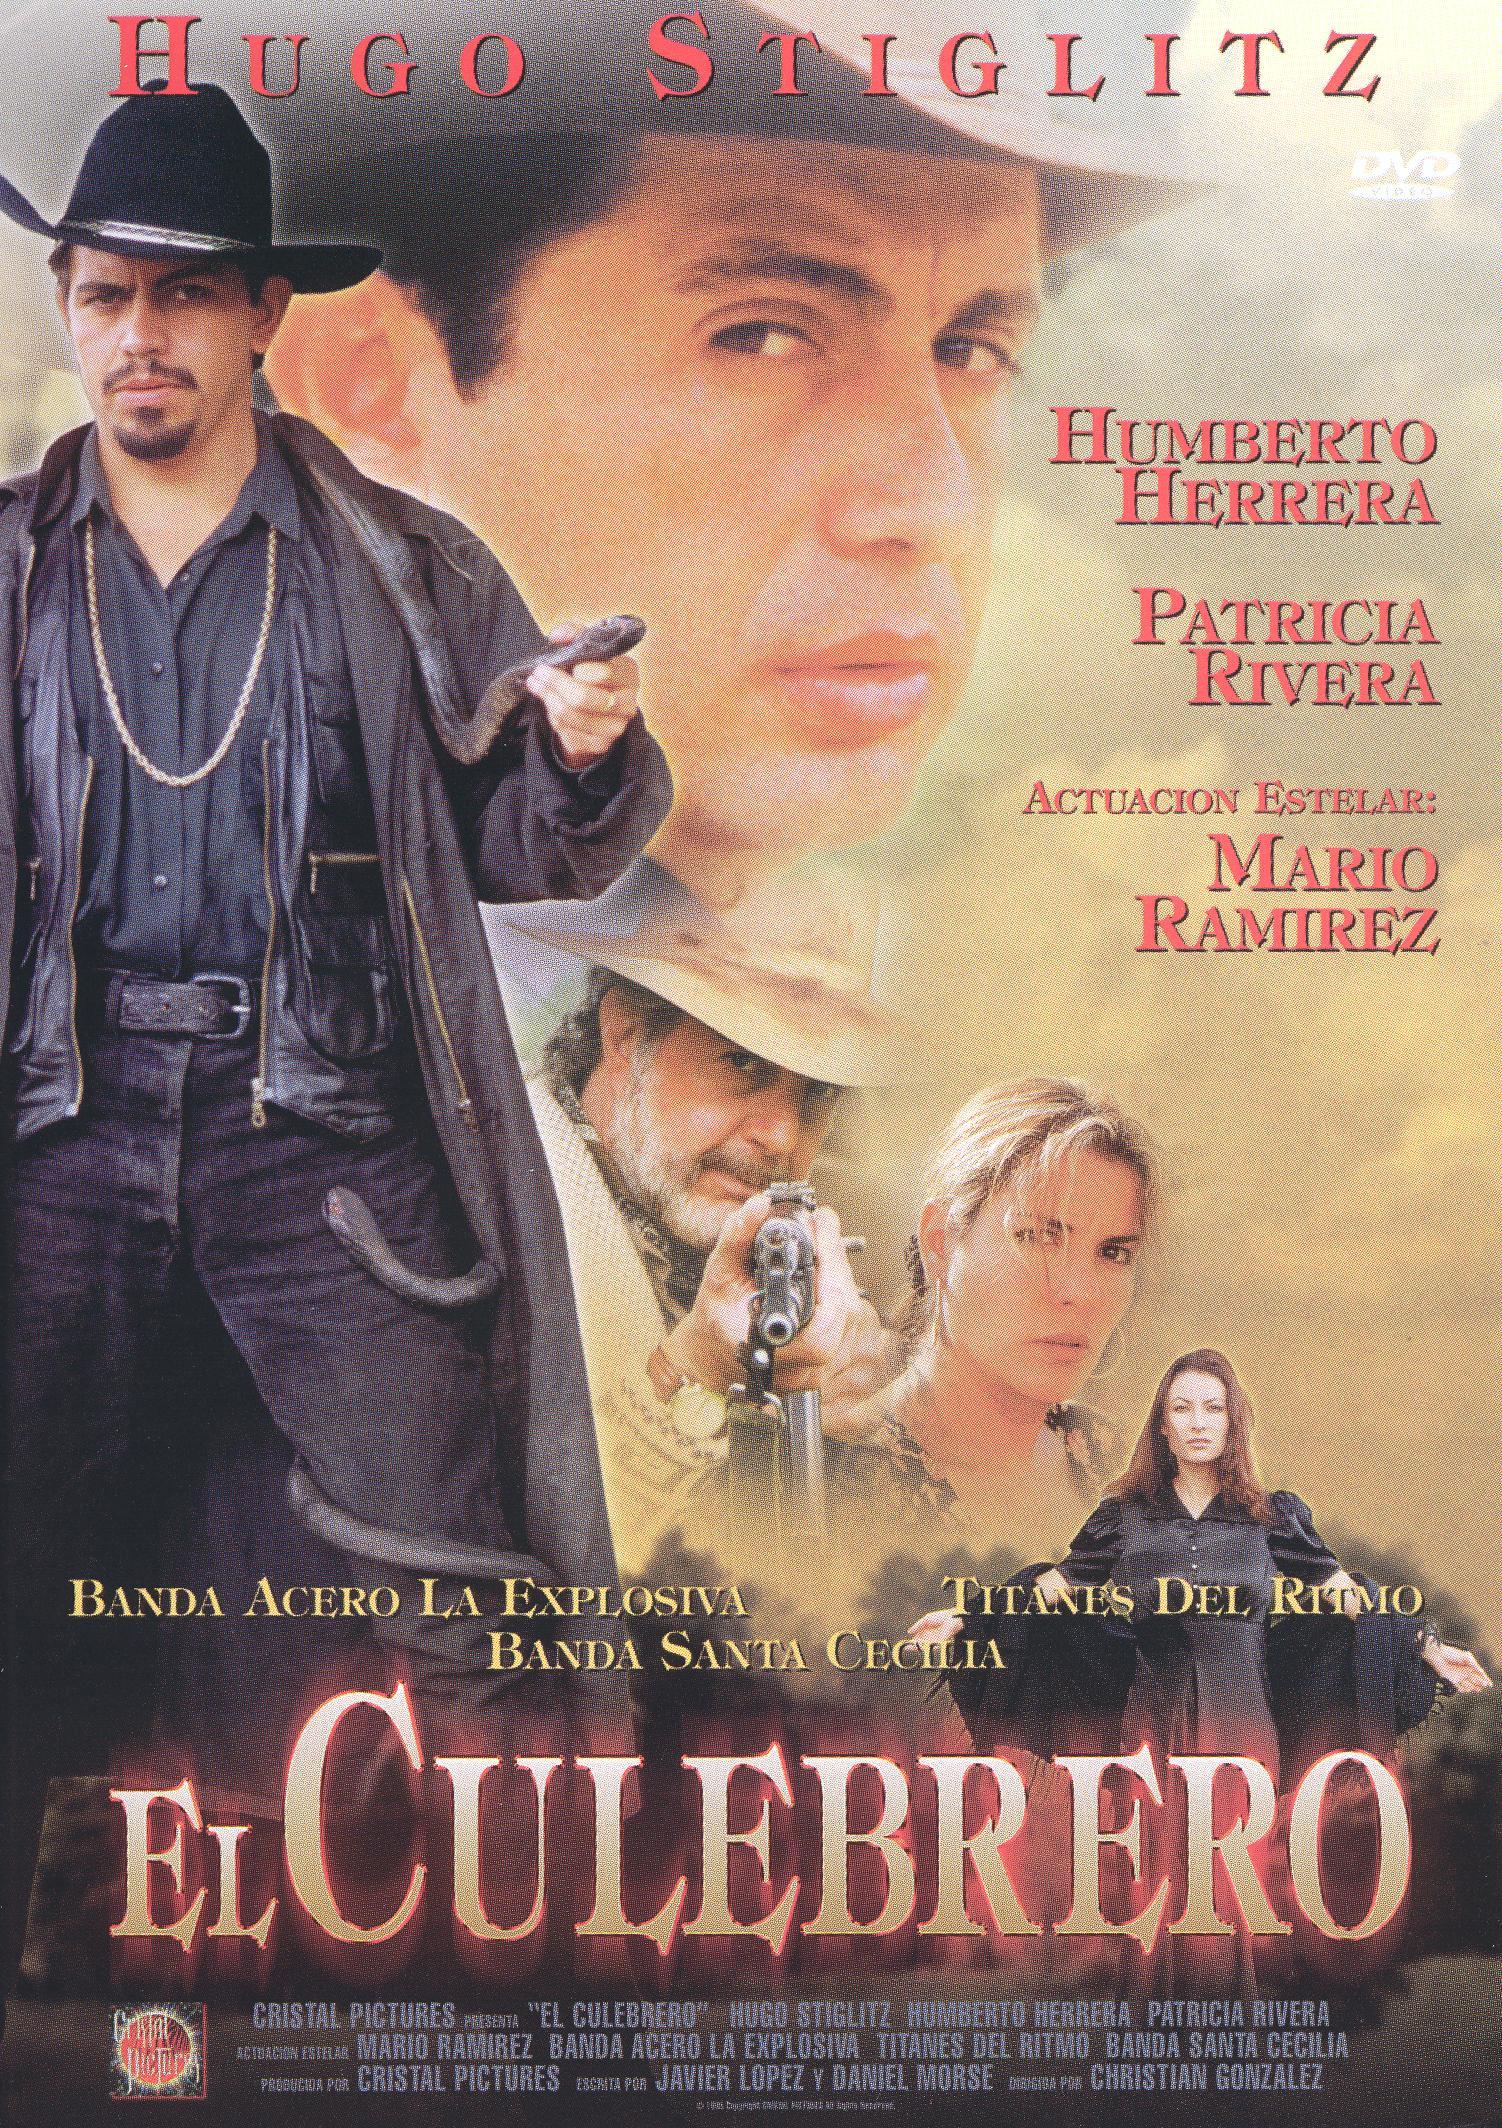 El Culebrero